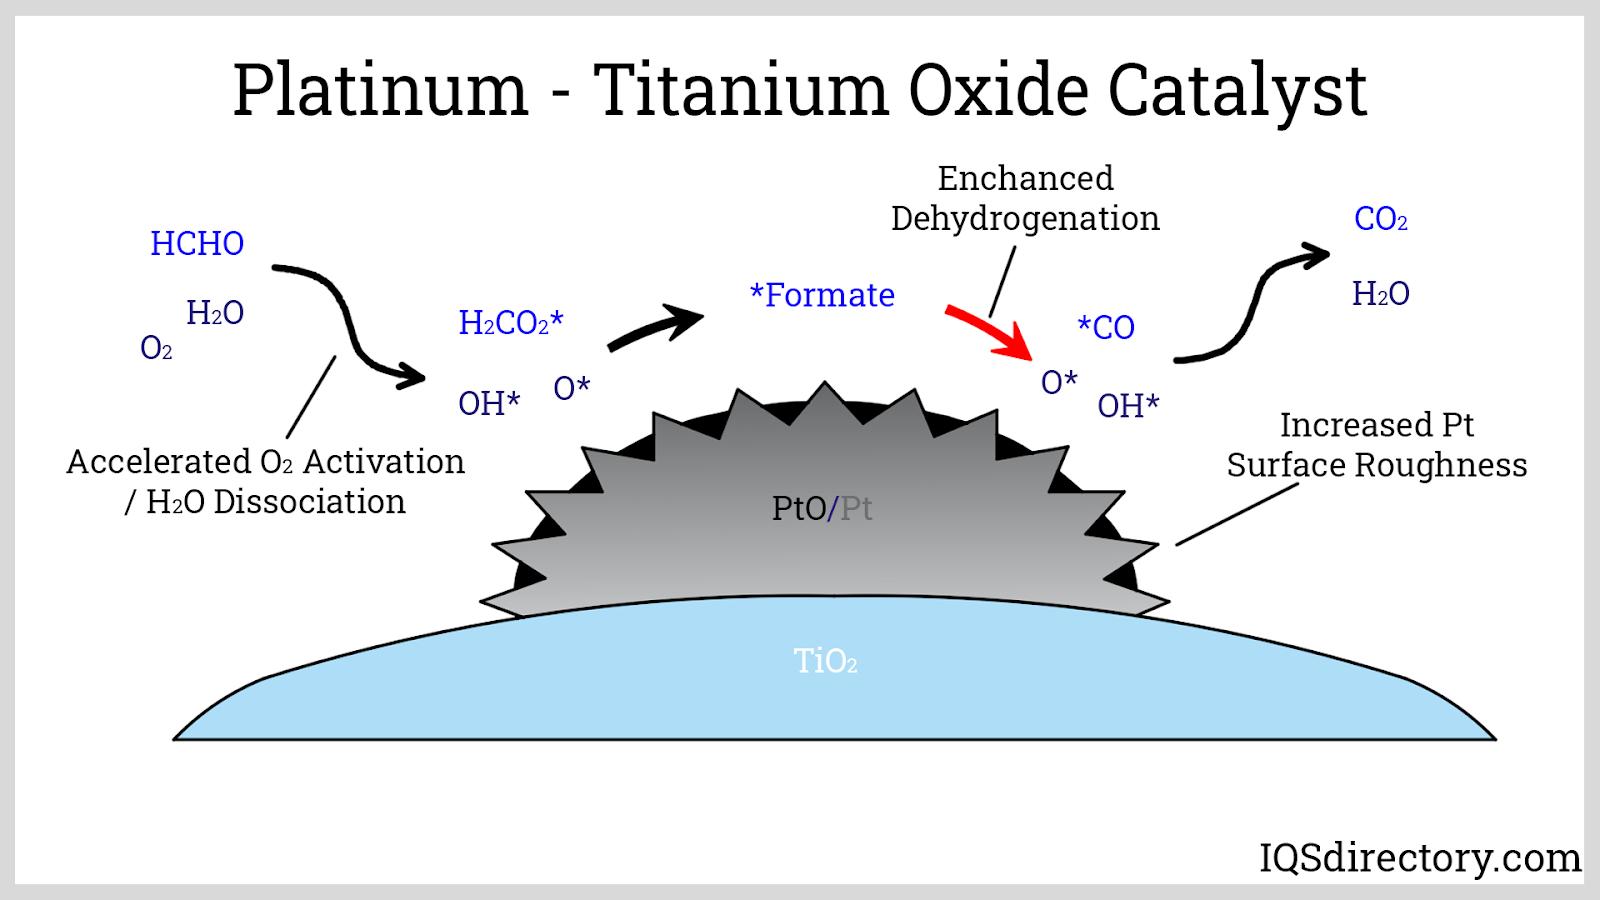 Platinum - Titanium Oxide Catalyst